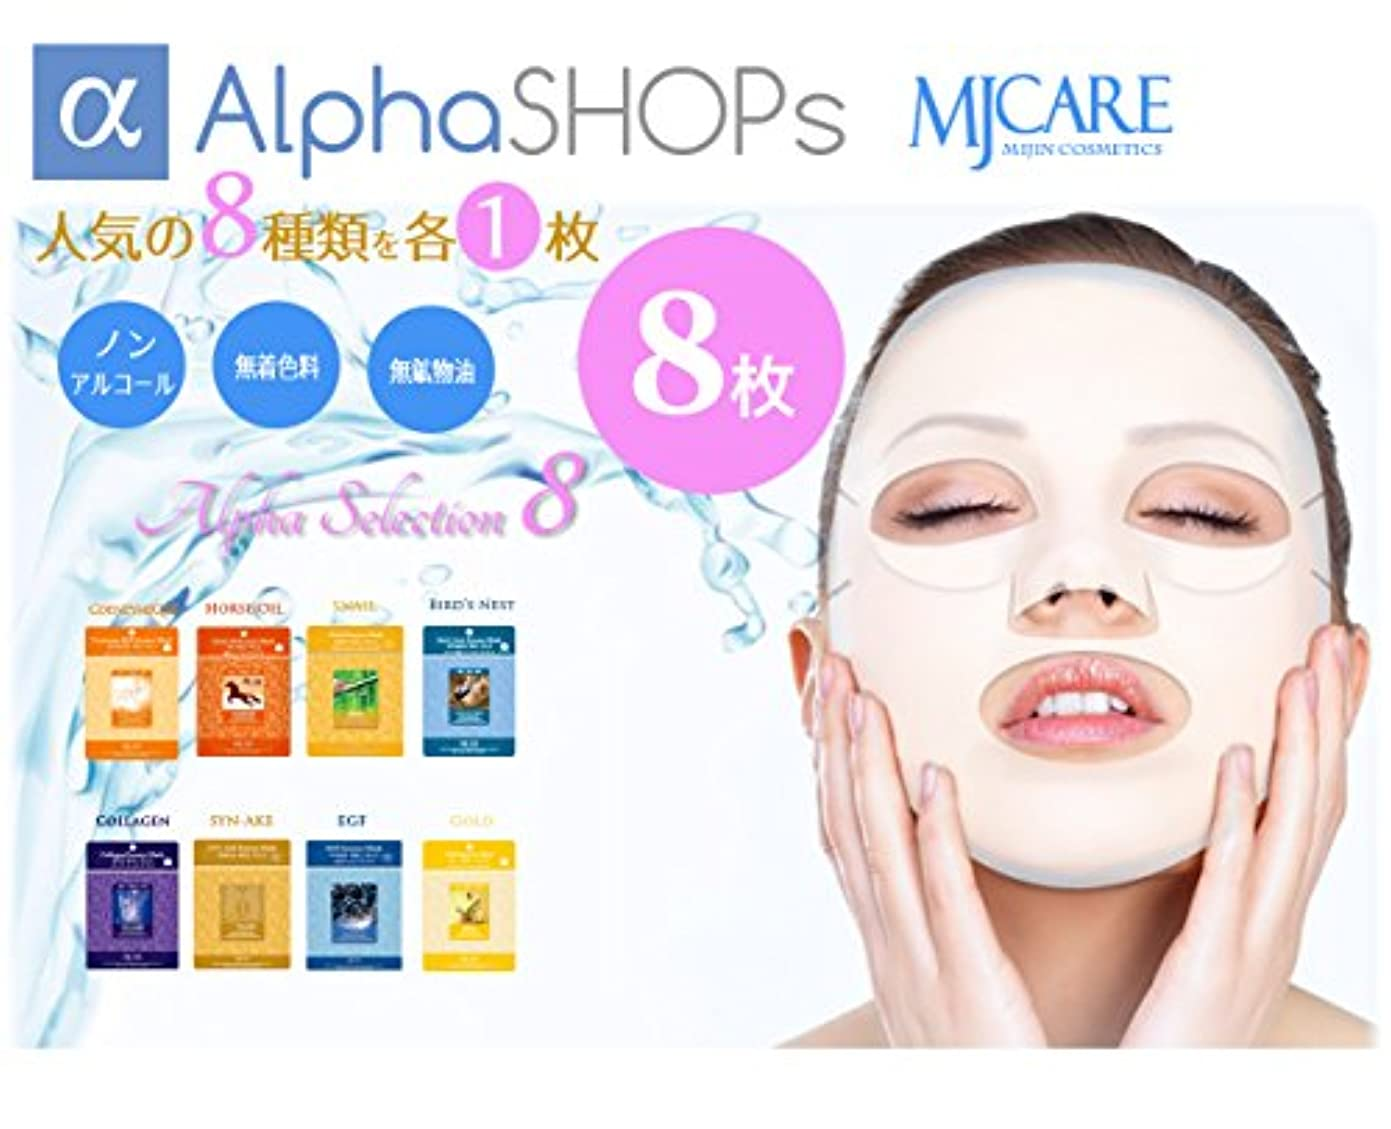 どっちでもチップ石膏フェイスマスク パック お試し 8種類 各種1枚の8枚セット エッセンスマスク 韓国コスメ MIJIN(ミジン)